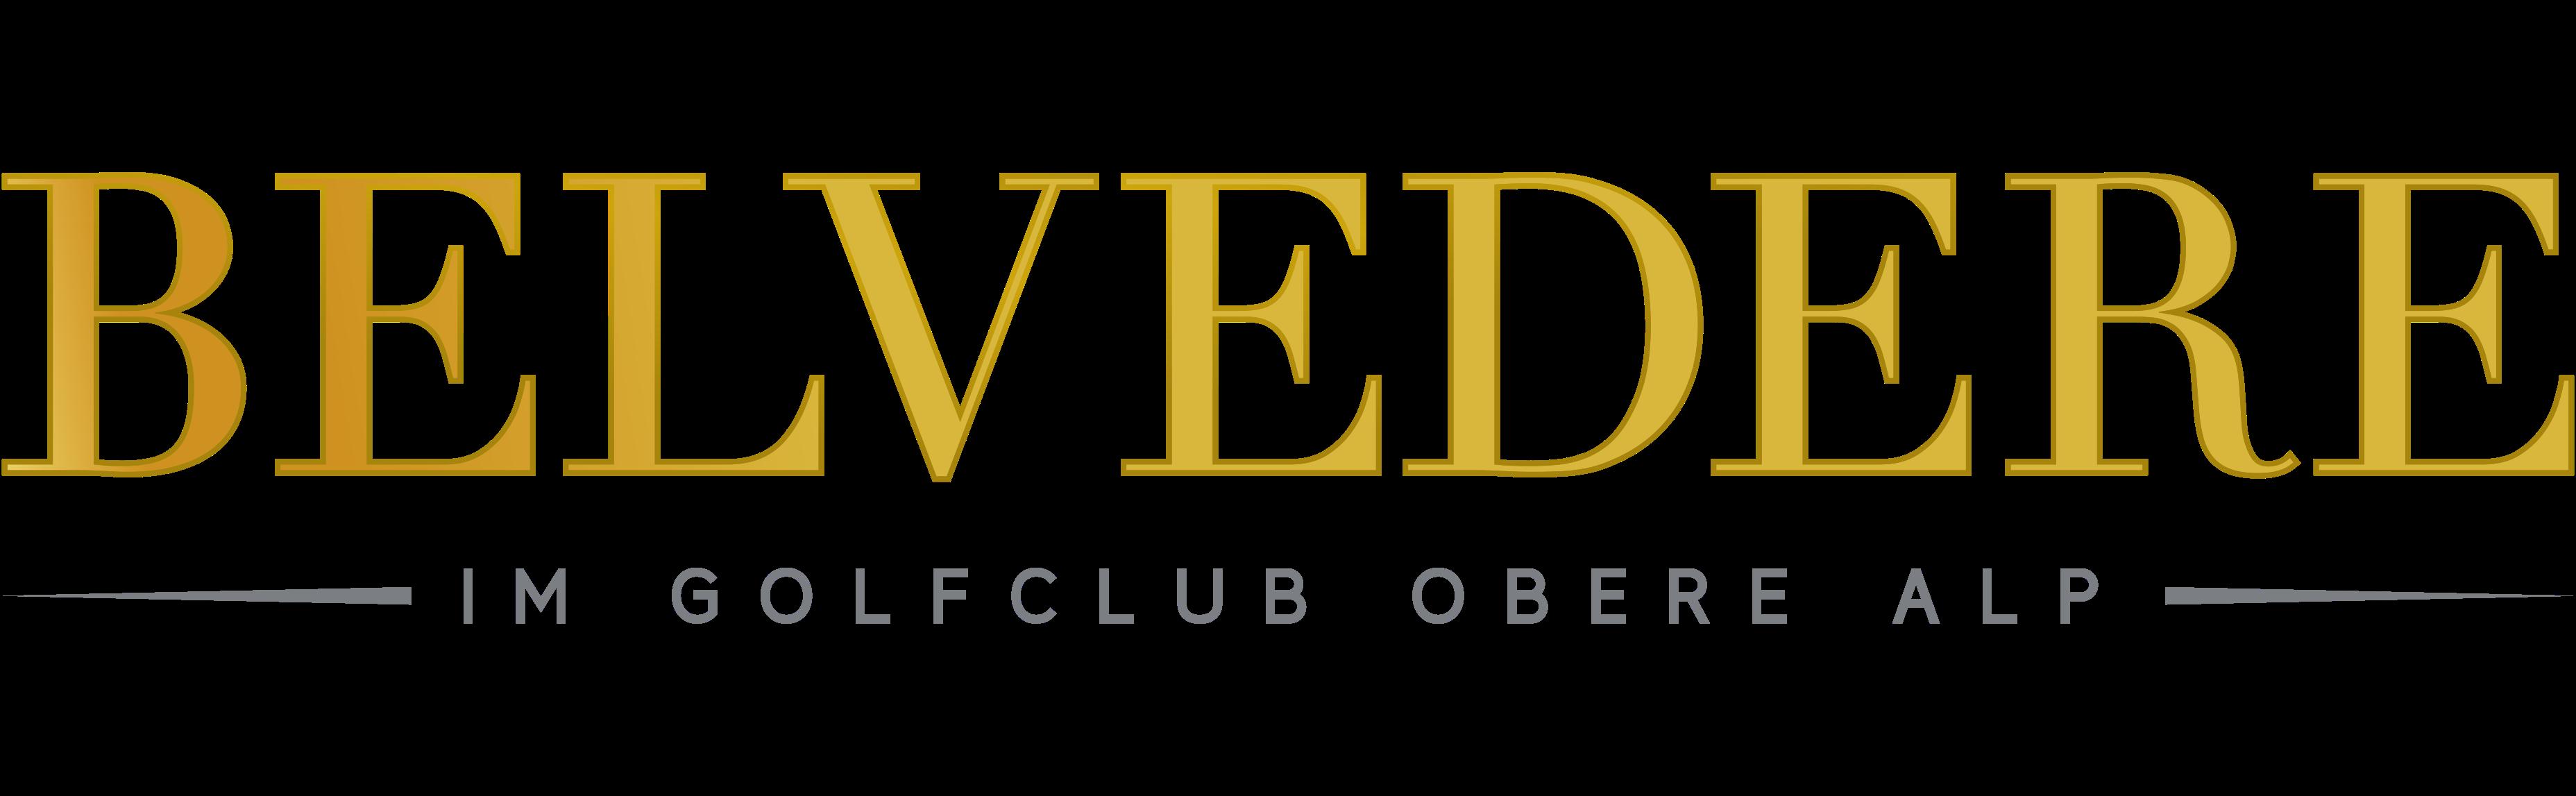 logo schrift belvedere obere alp